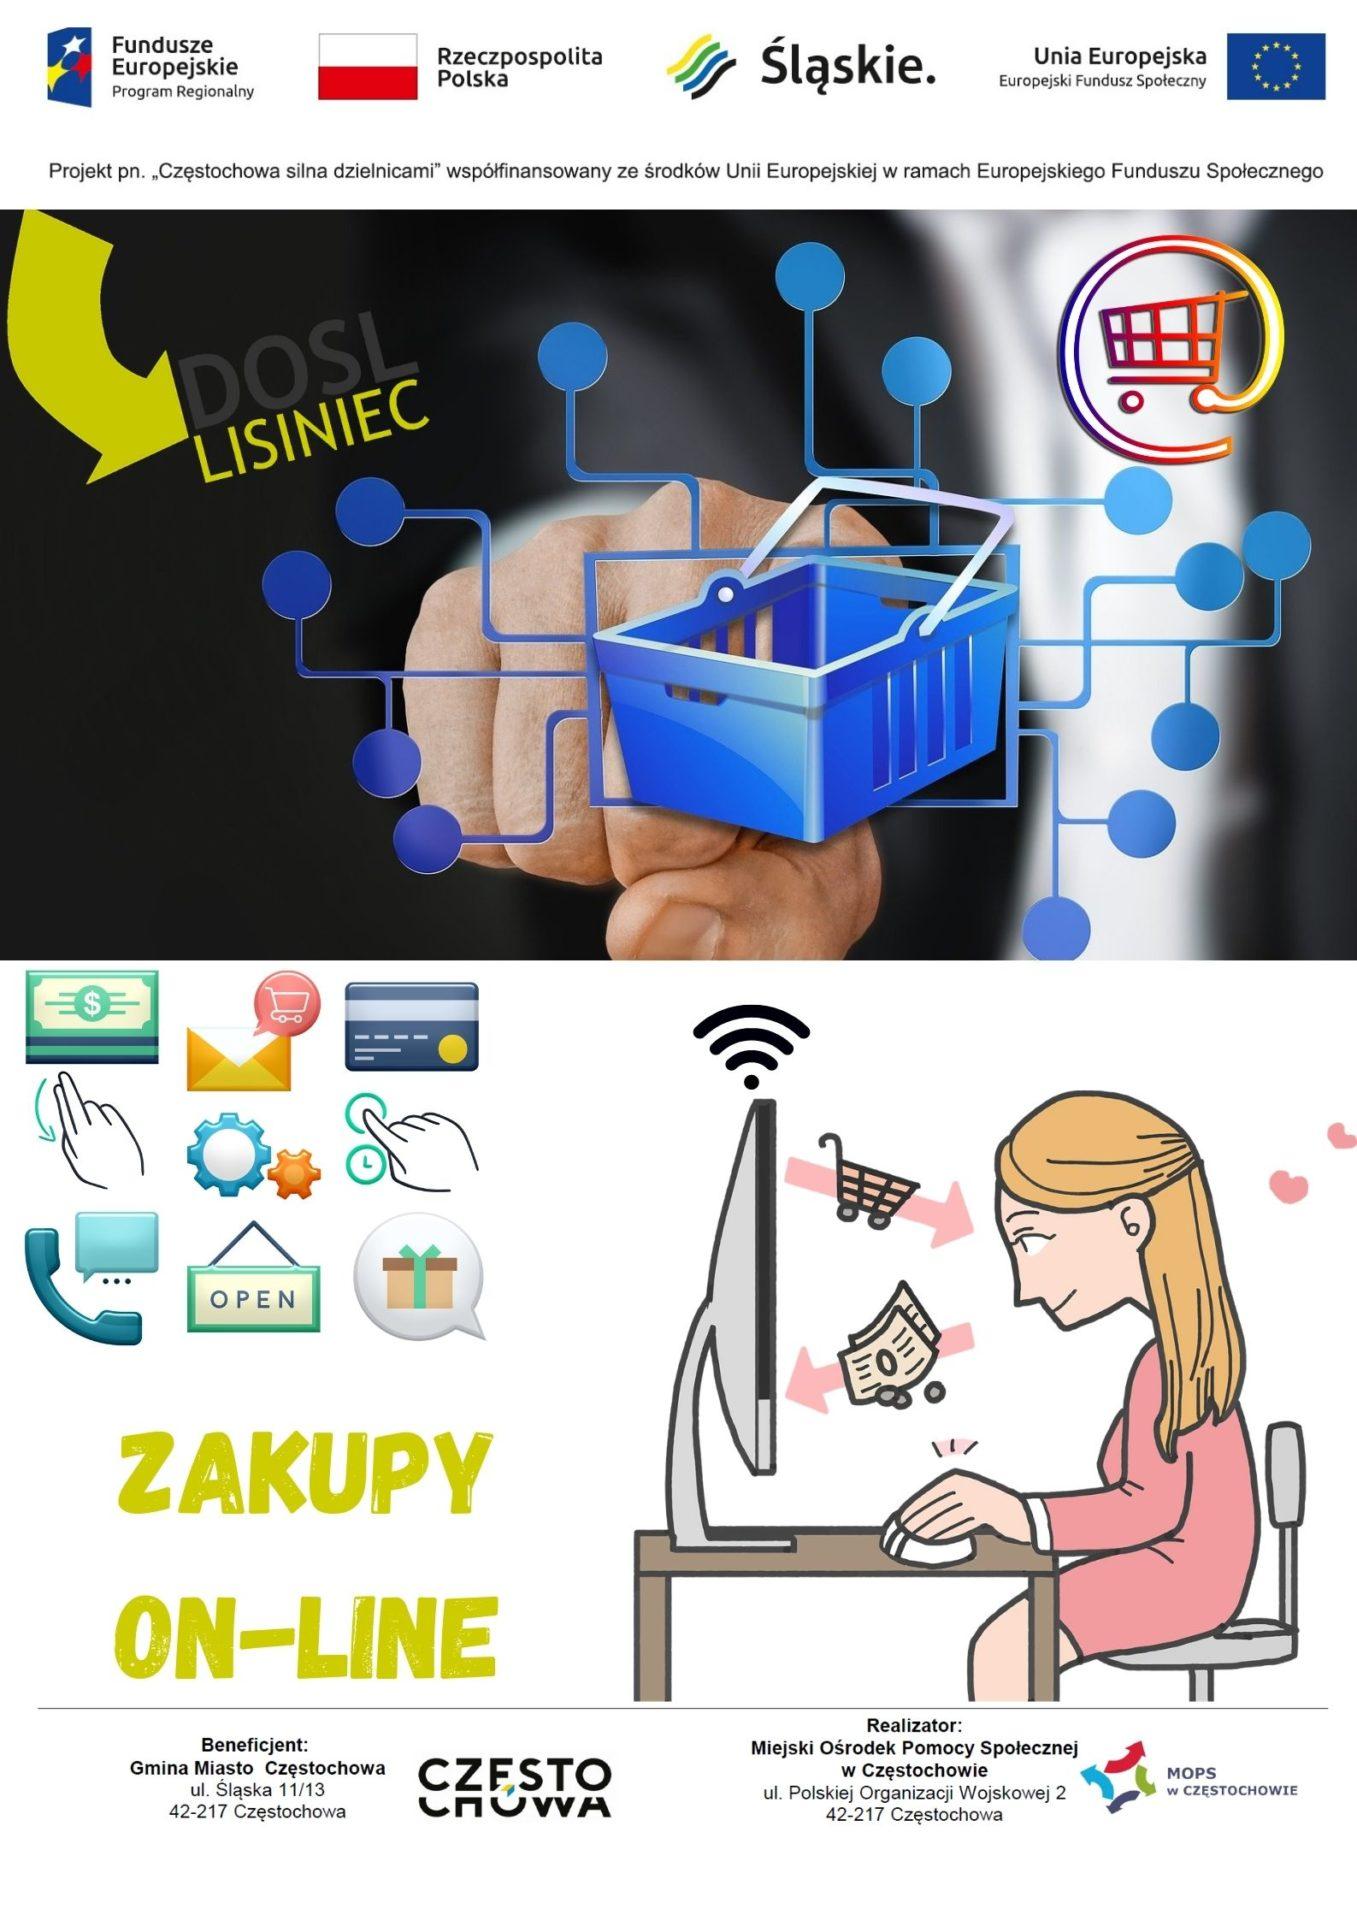 Zakupy on-line